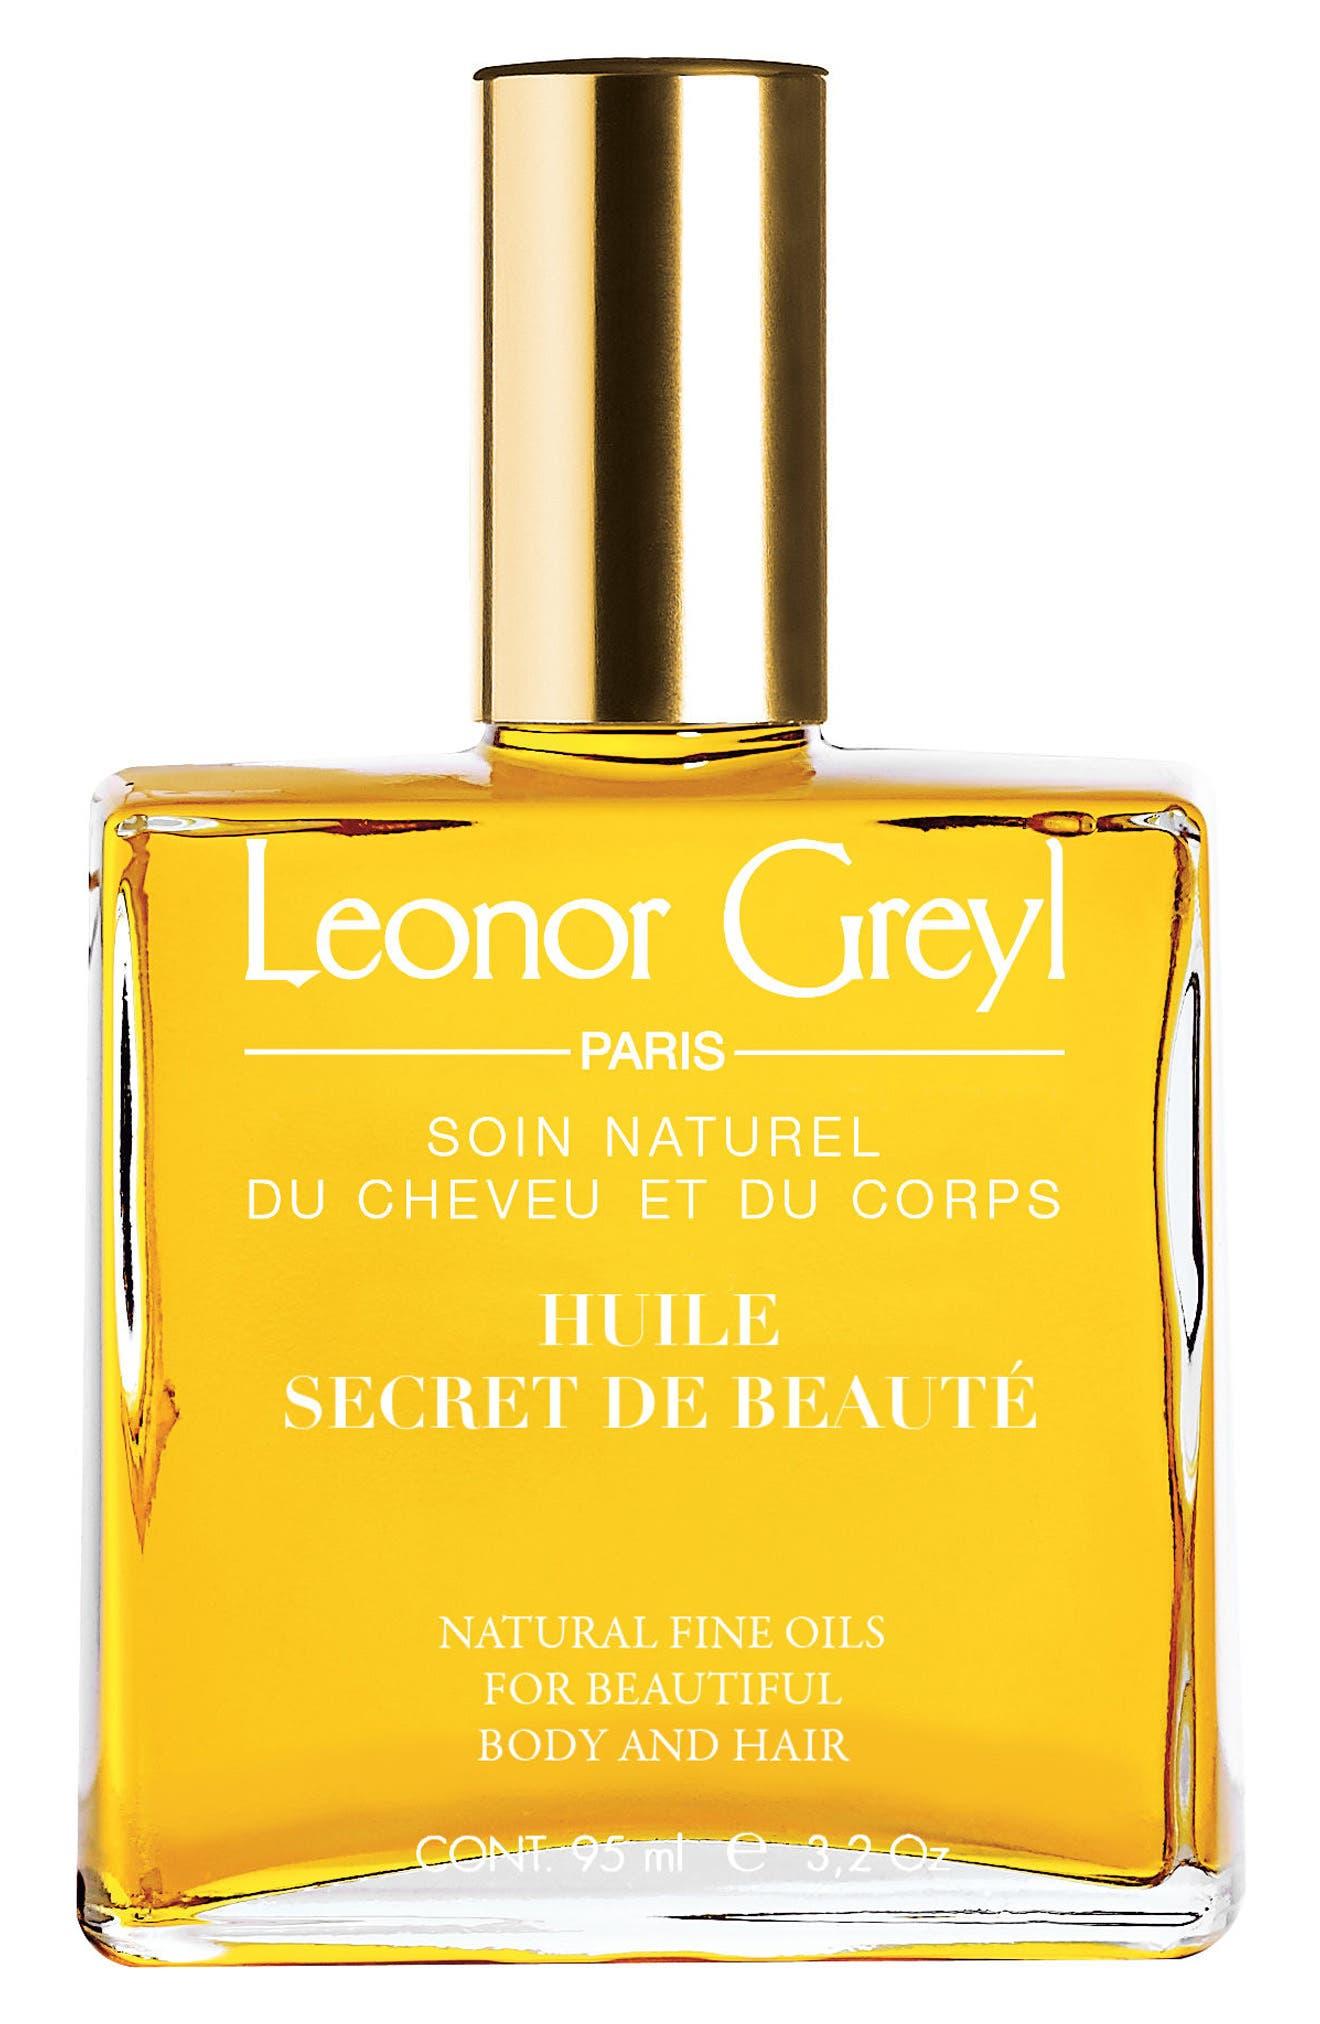 LEONOR GREYL PARIS, Huile Secret de Beauté Hair & Skin Oil, Main thumbnail 1, color, NO COLOR